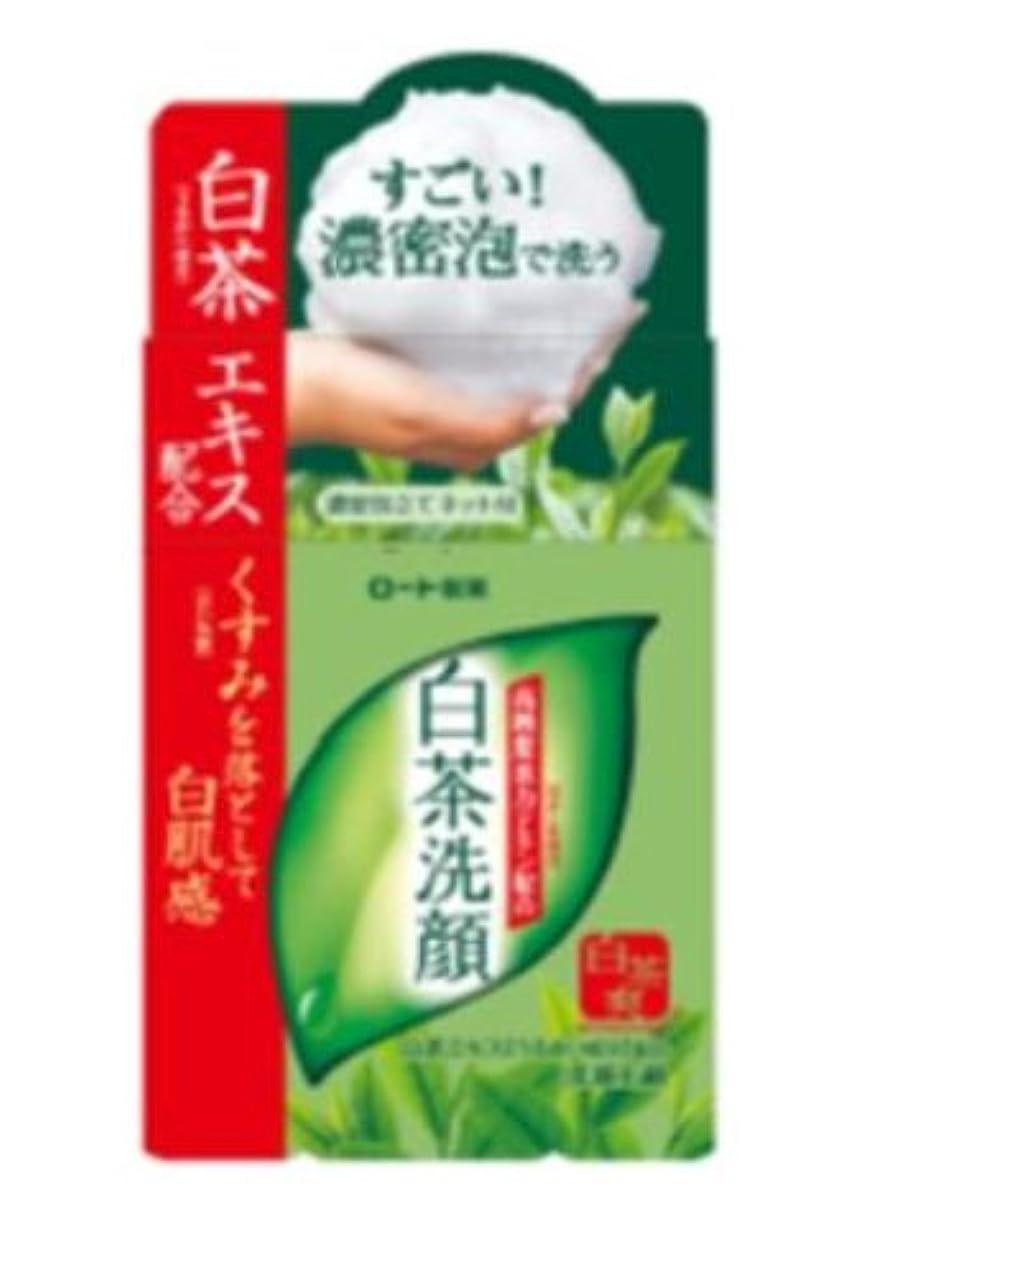 外交そっとキャンパスロート製薬 白茶爽 白茶洗顔石鹸 高純度茶カテキン配合 濃密泡立てネット付 85g